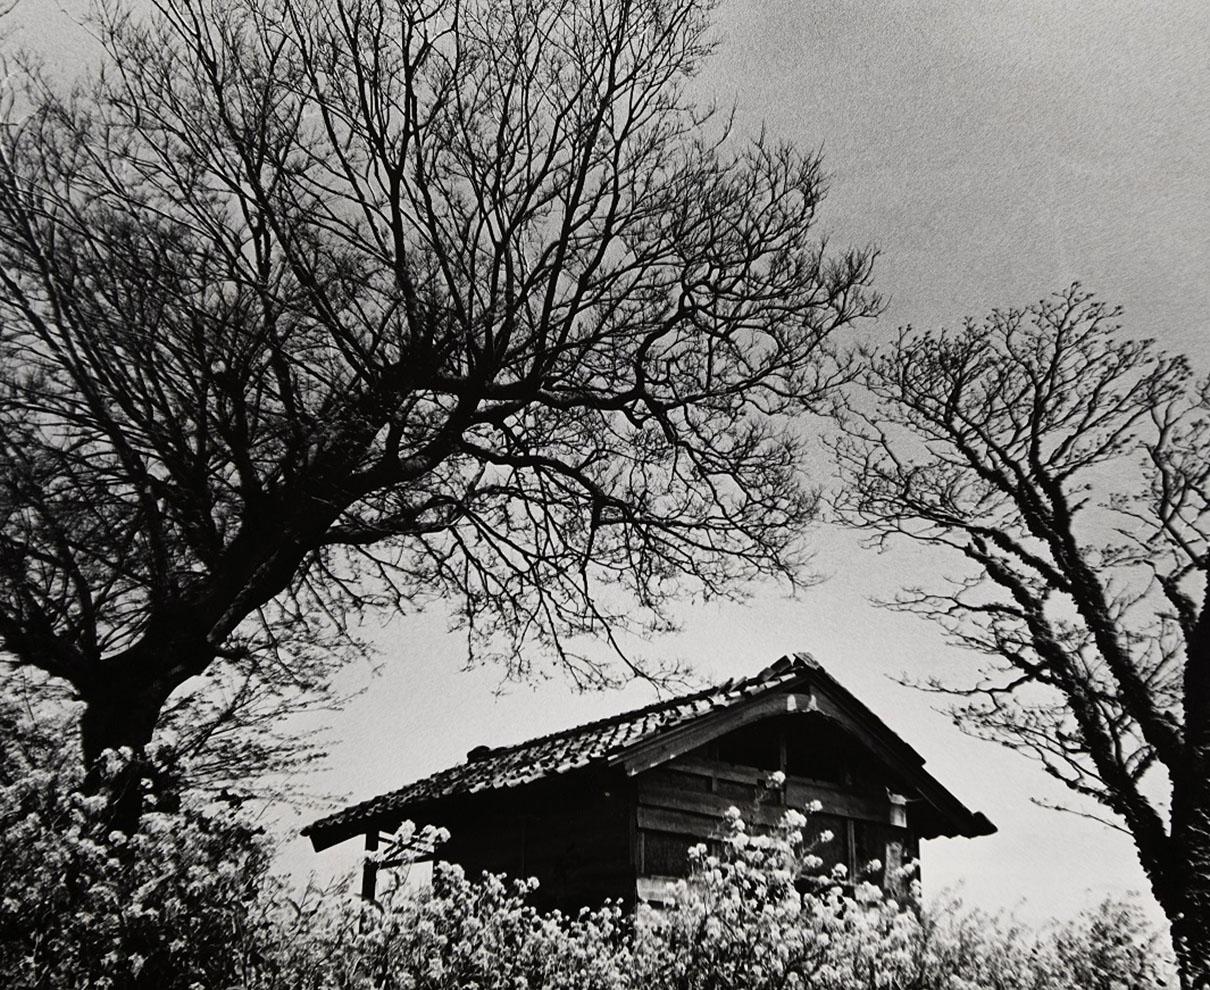 【~5/30】福井を撮り続けた写真家・水谷内健次さんの歩みをたどる展覧会開催中。|福井県立美術館